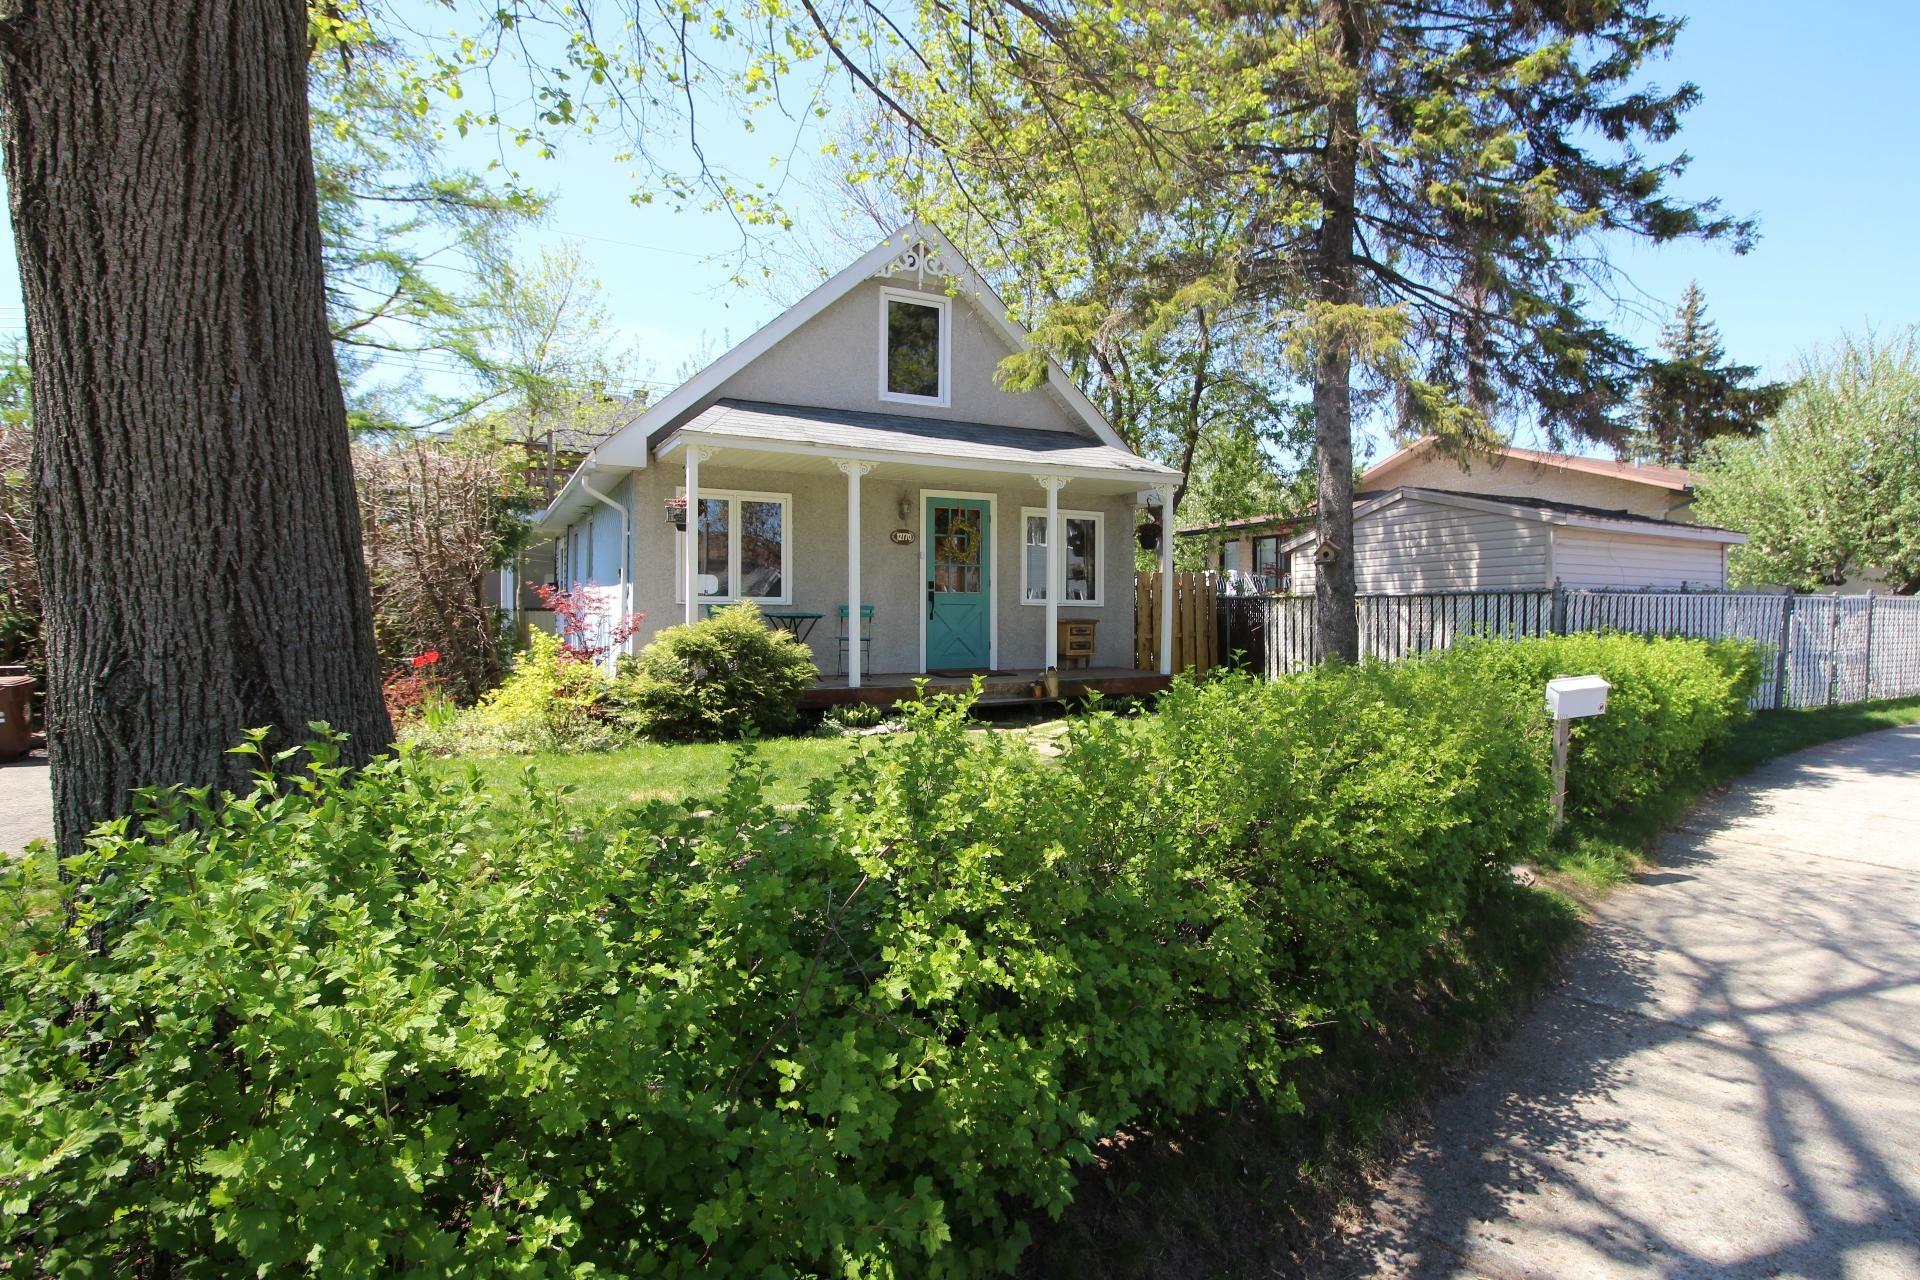 image 19 - House For sale Rivière-des-Prairies/Pointe-aux-Trembles Montréal  - 8 rooms